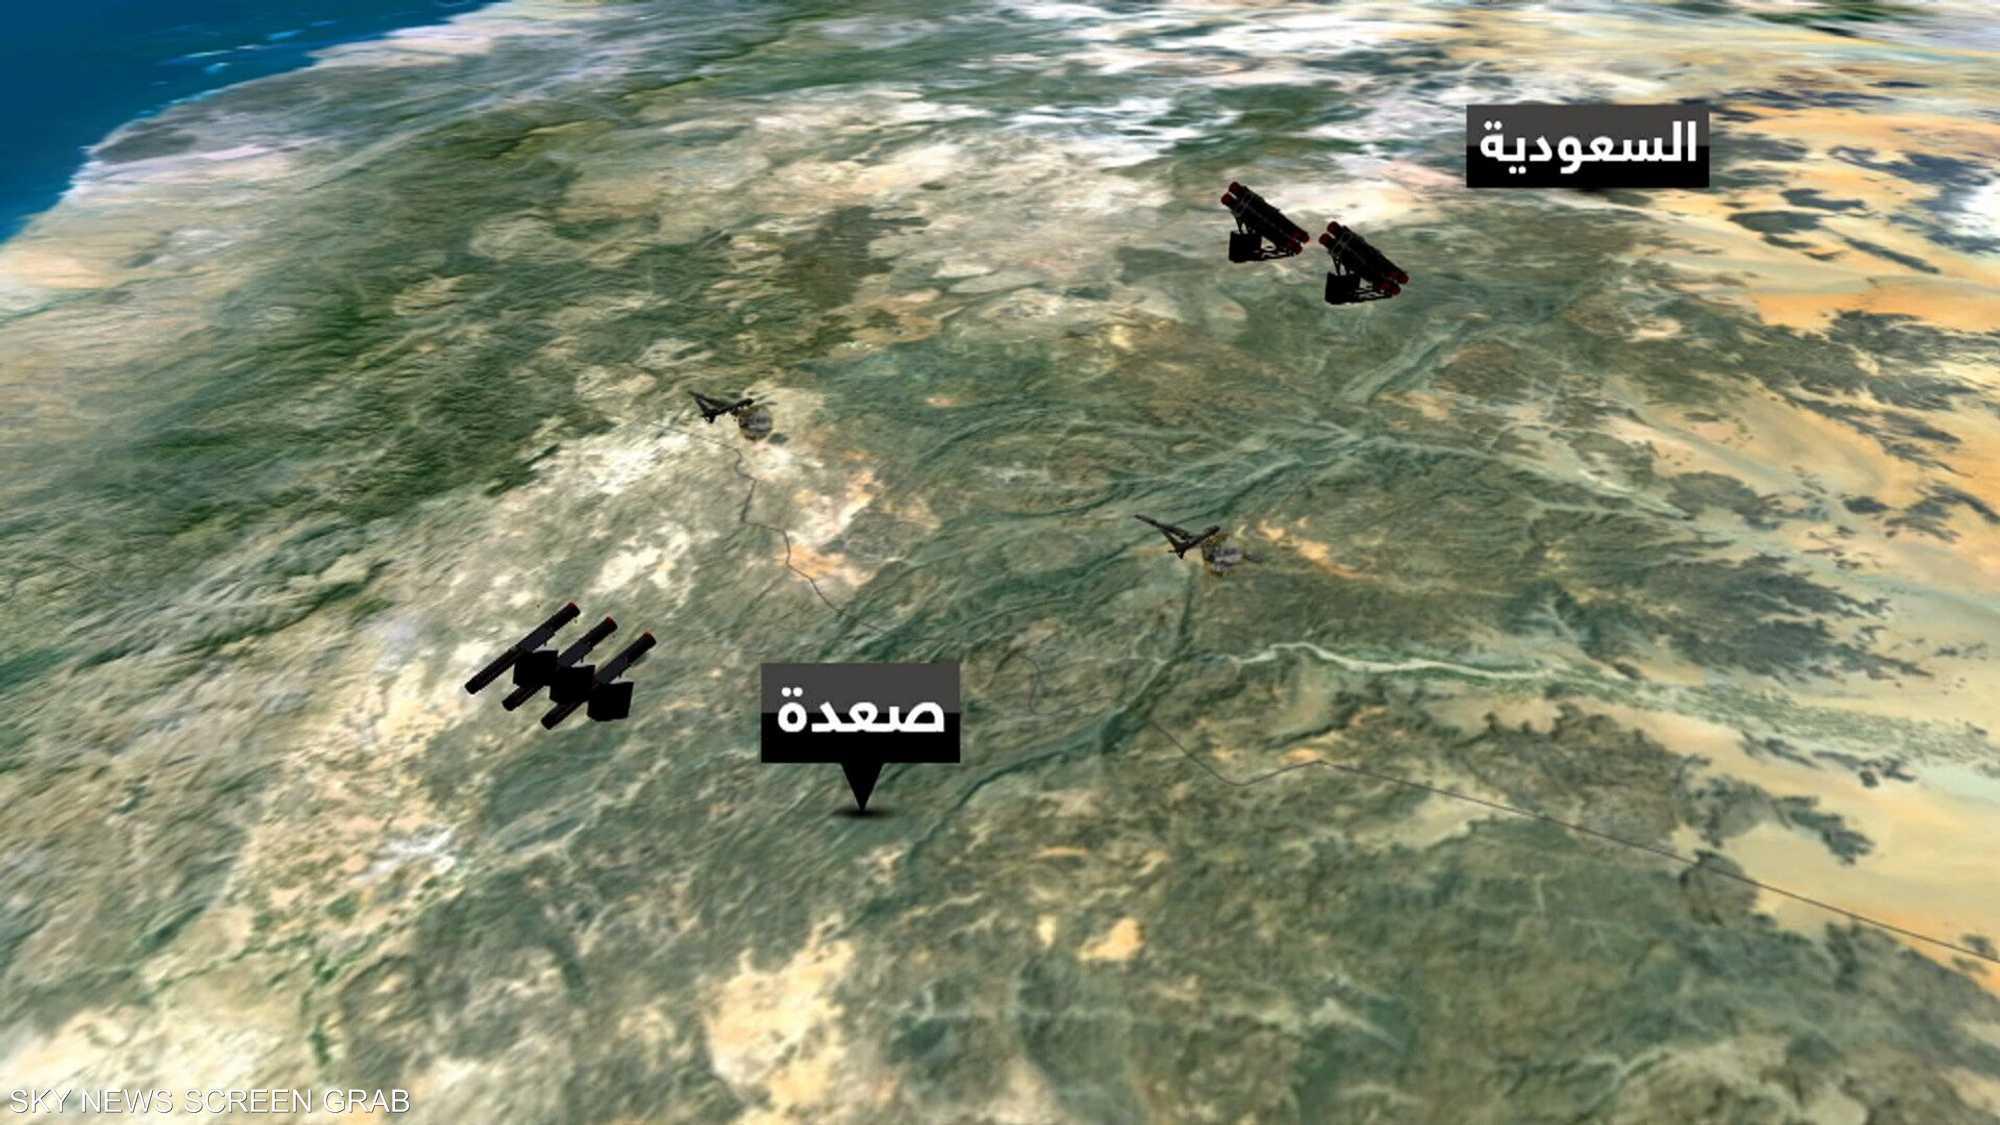 التحالف العربي يتصدى لطائرات مفخخة وصواريخ حوثية